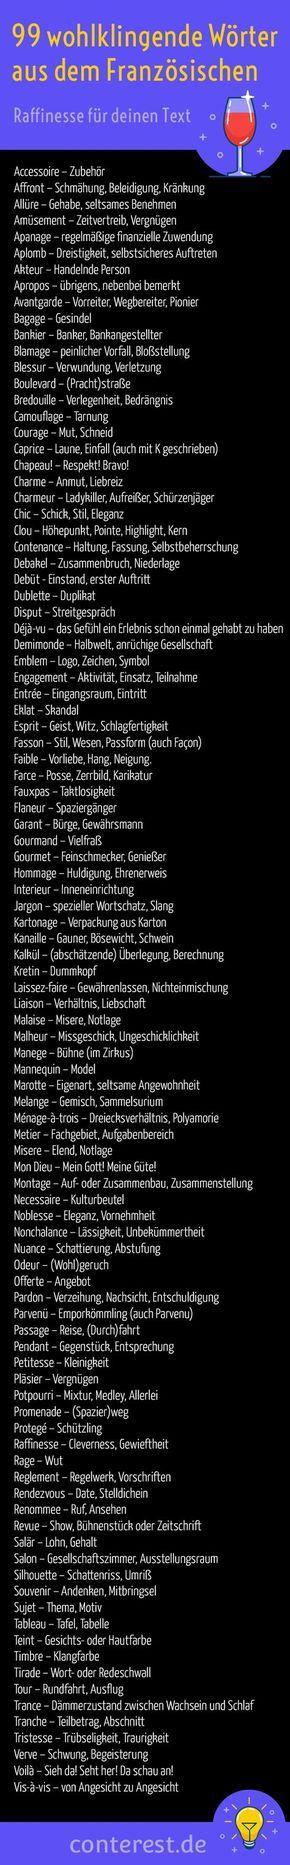 Französische Fremdwörter Im Deutschen